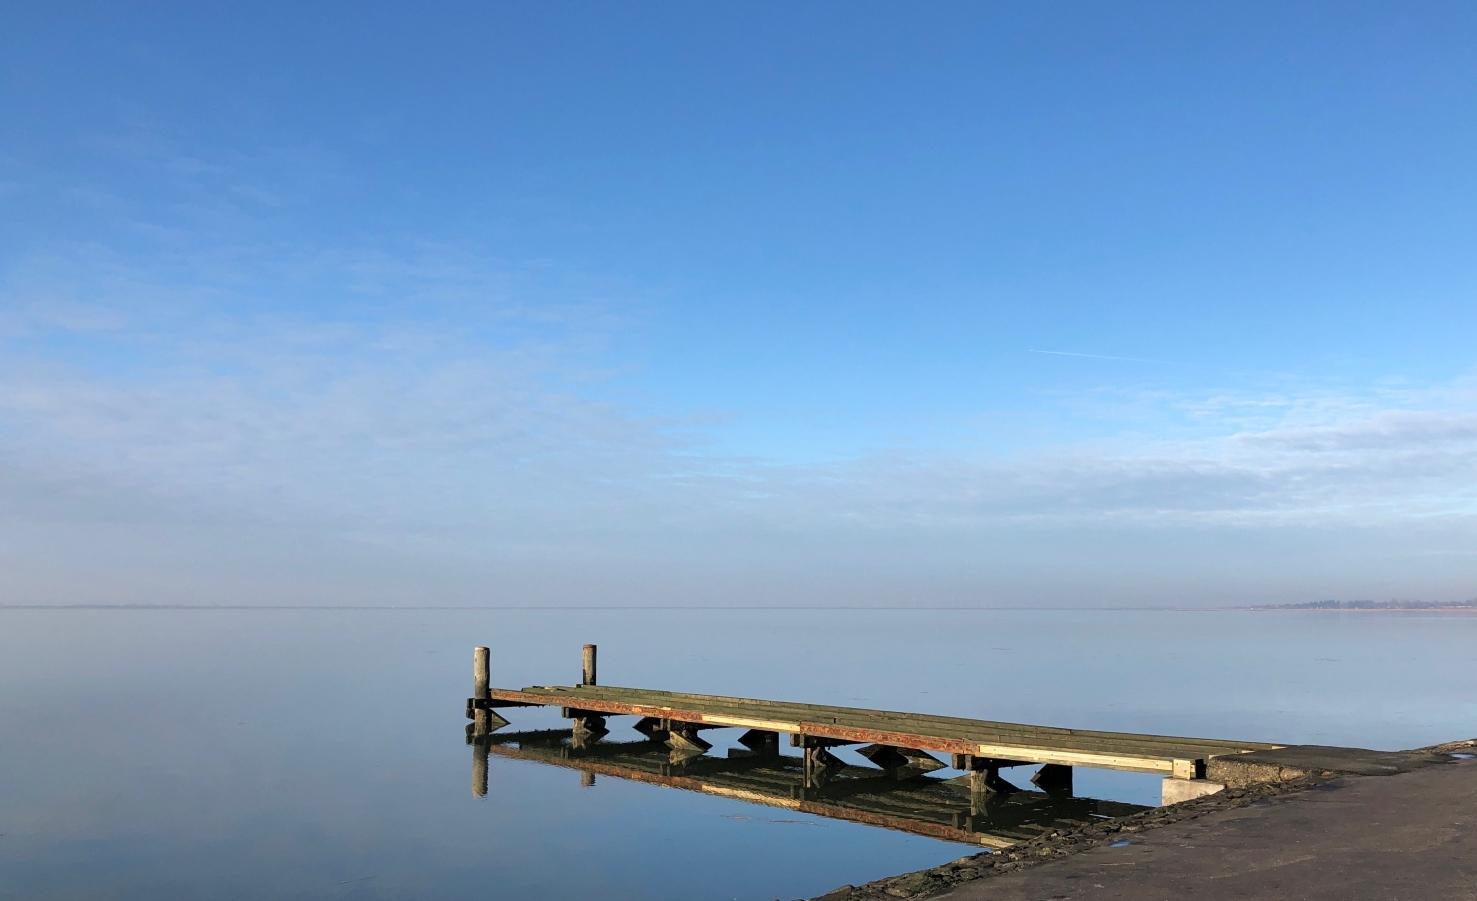 meer nordsee nordfriesland wattenmmer steg